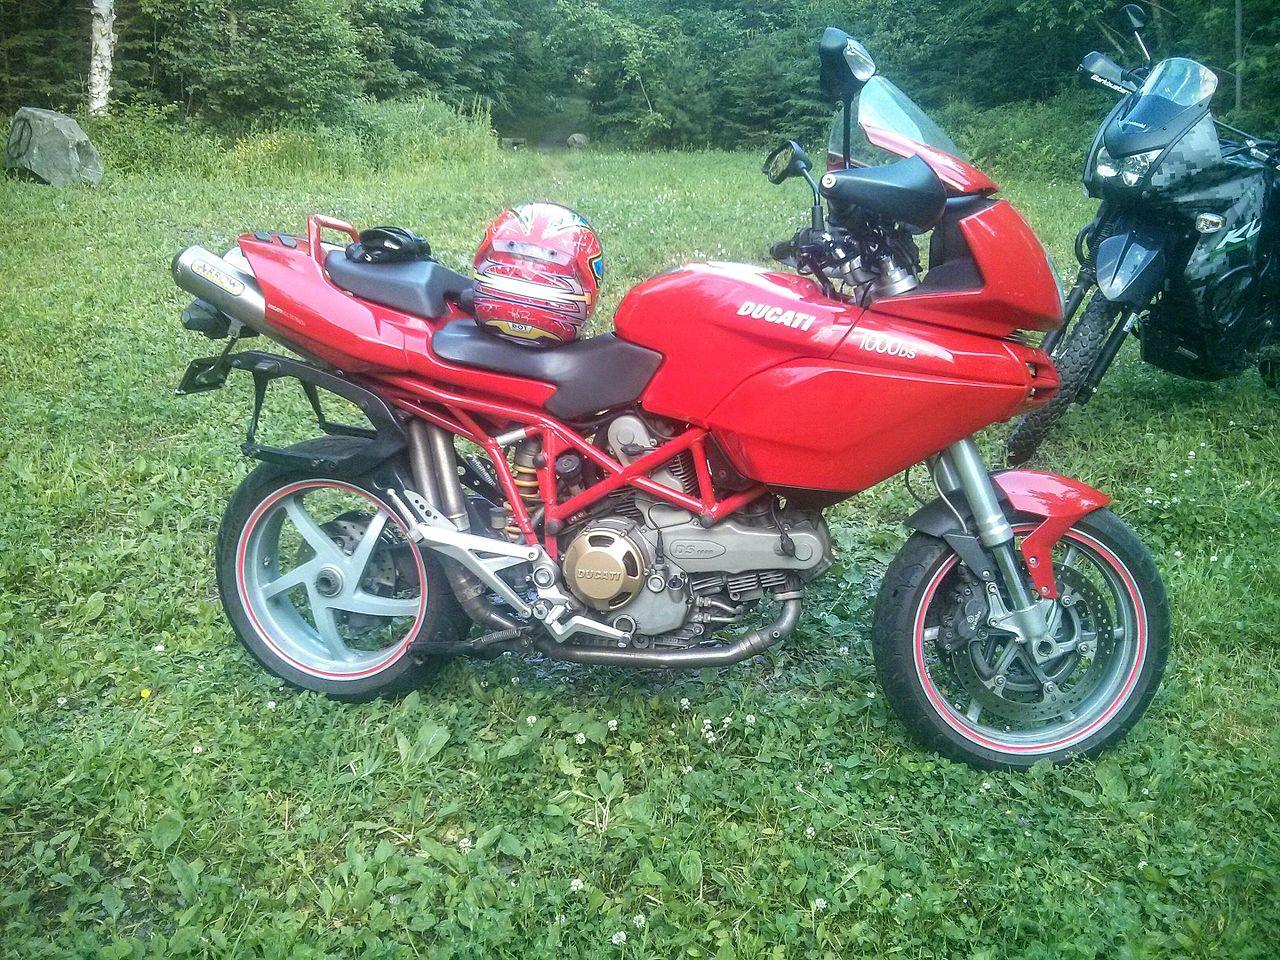 Ducati Multistrada 1000S DS 2006